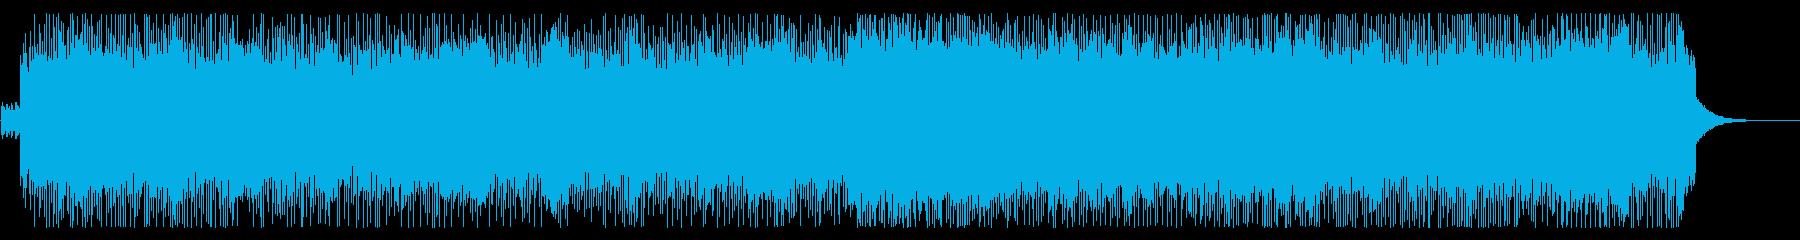 90年代懐かしバンド風ロック(メロ無し)の再生済みの波形